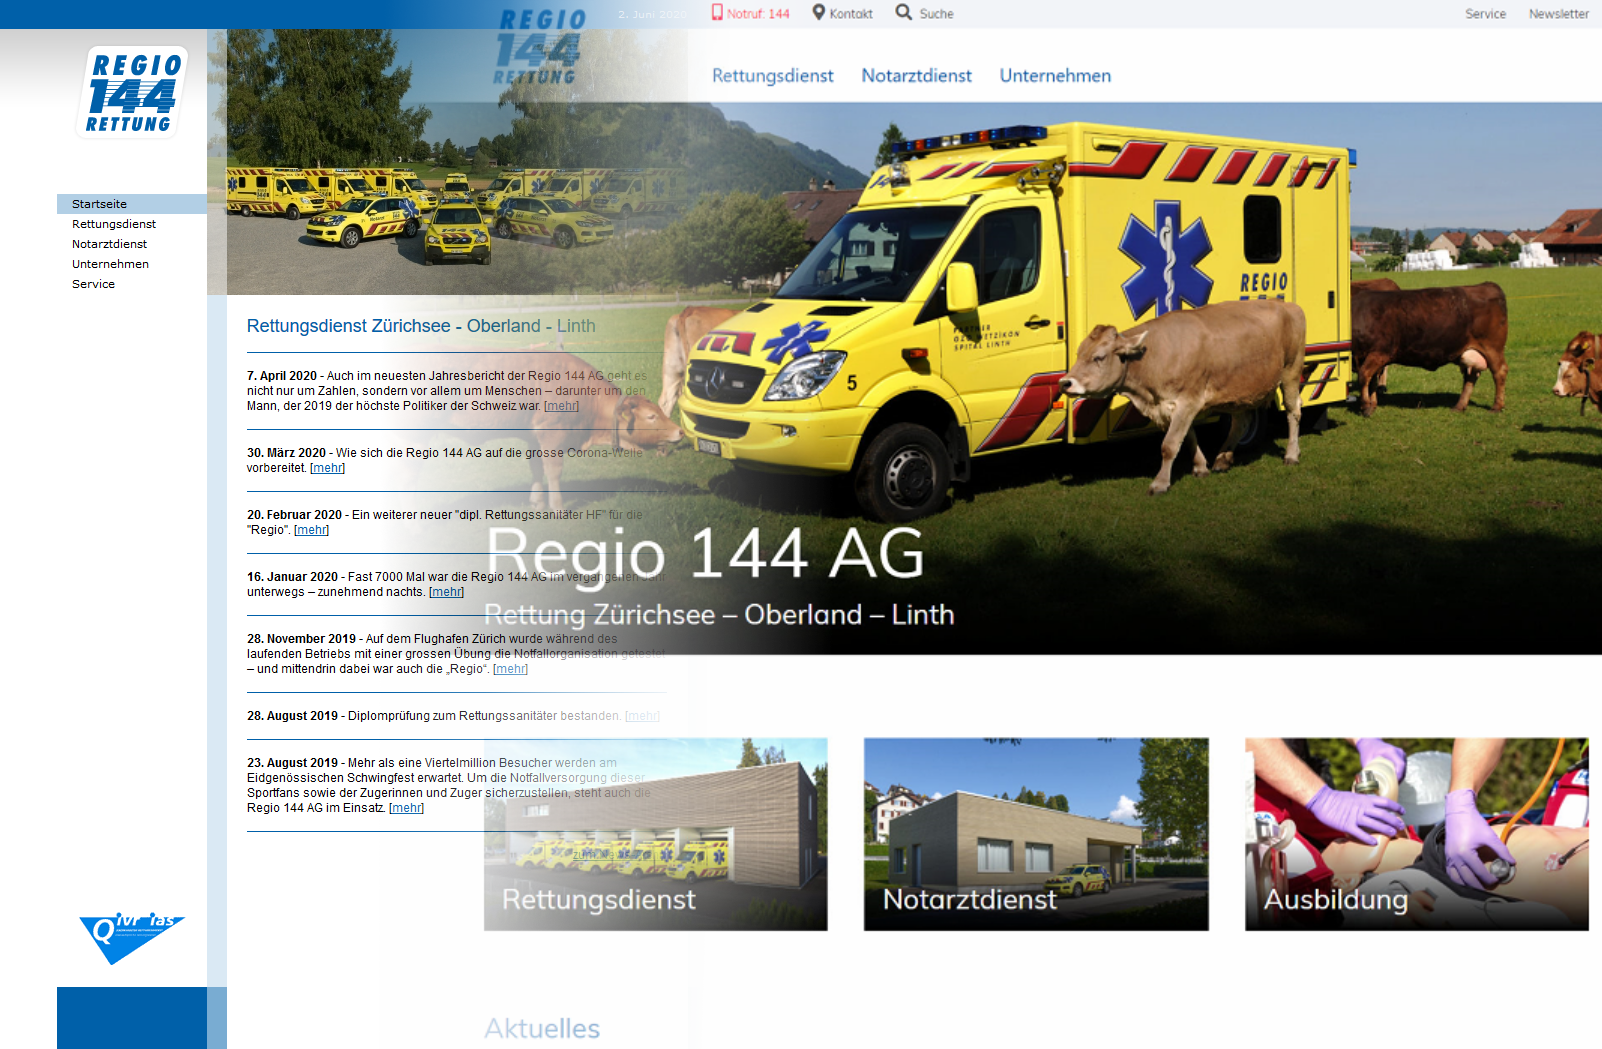 Ein neuer Internet-Auftritt für die Regio 144 AG